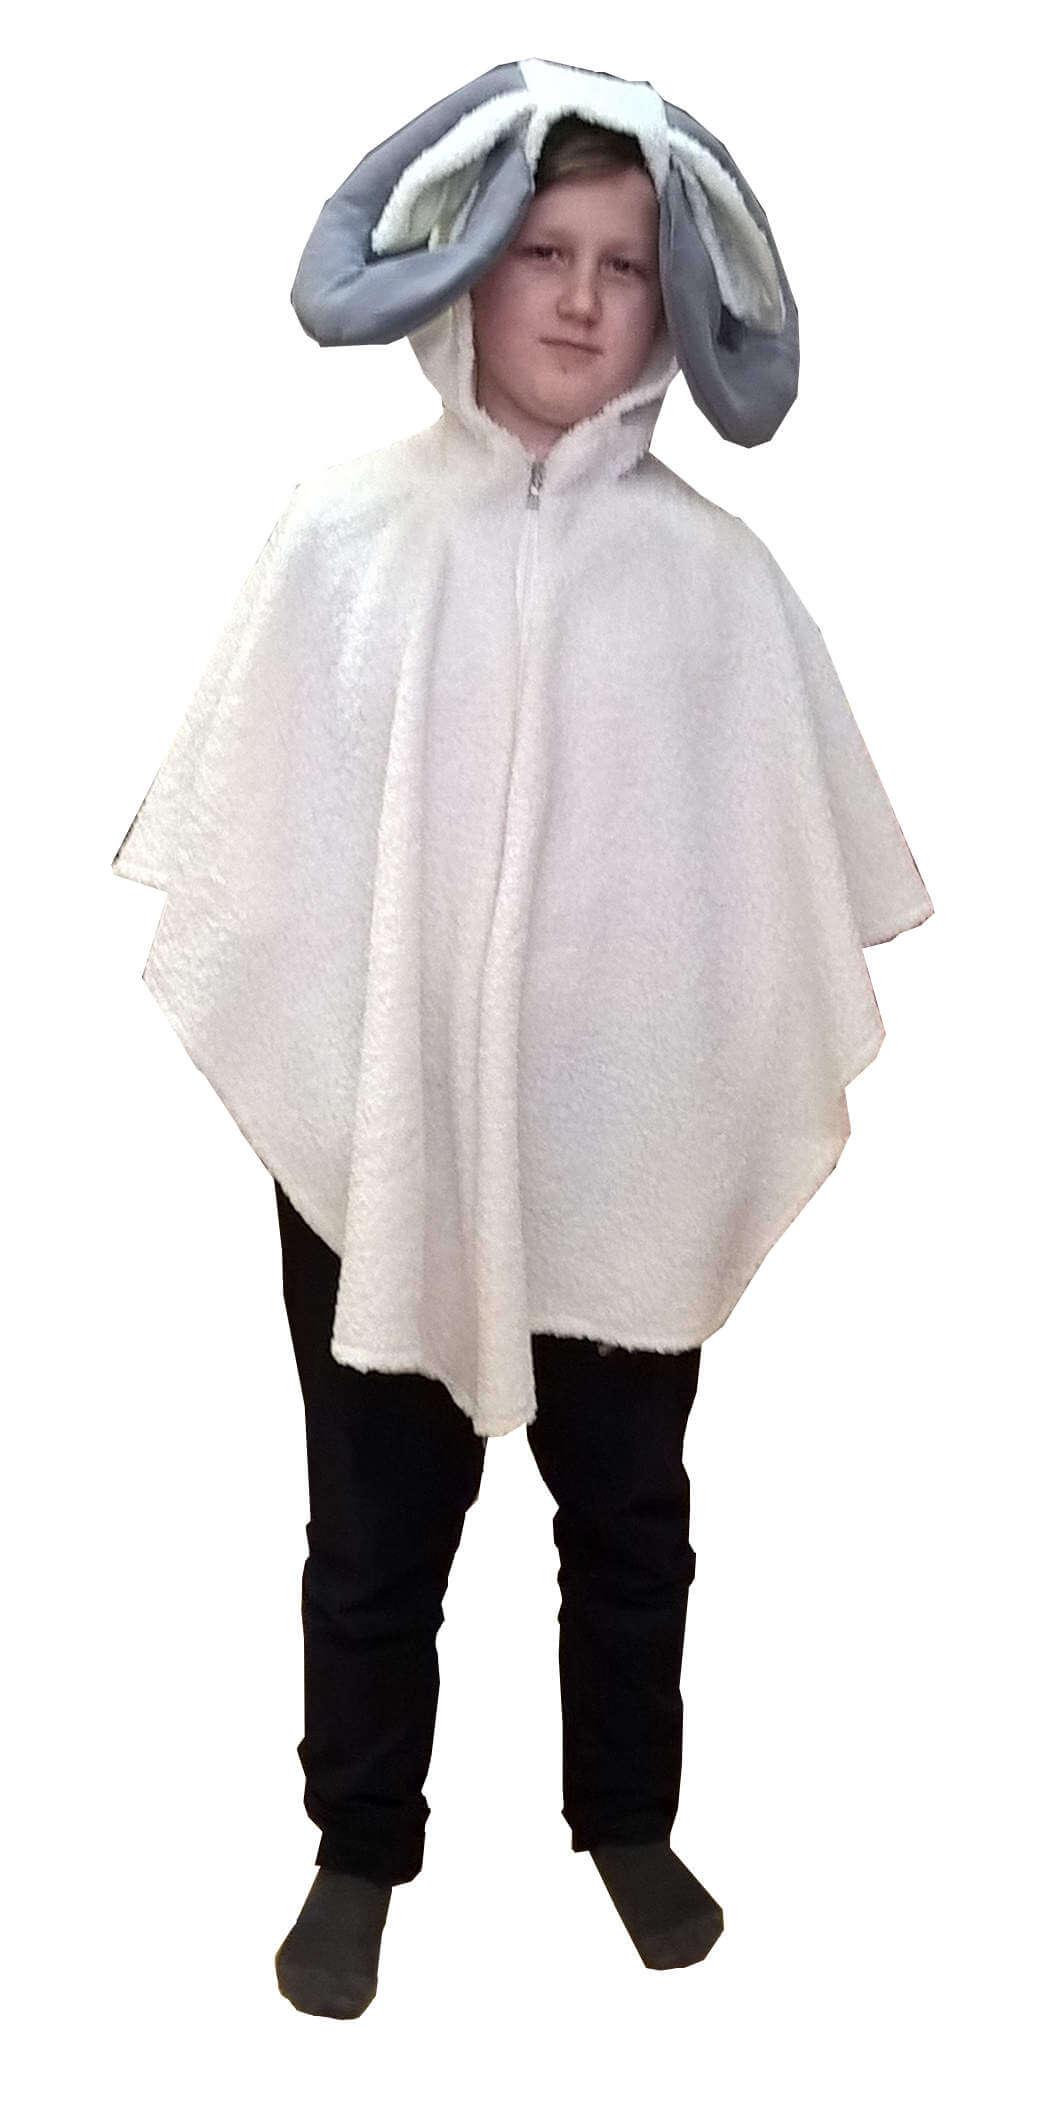 костюм барана. Avino kstiumas. Gyvunų karnavaliniai kostiumai. Karnavaliniu kostiumu nuoma vaikams Vilniuje - pasakunamai.lt